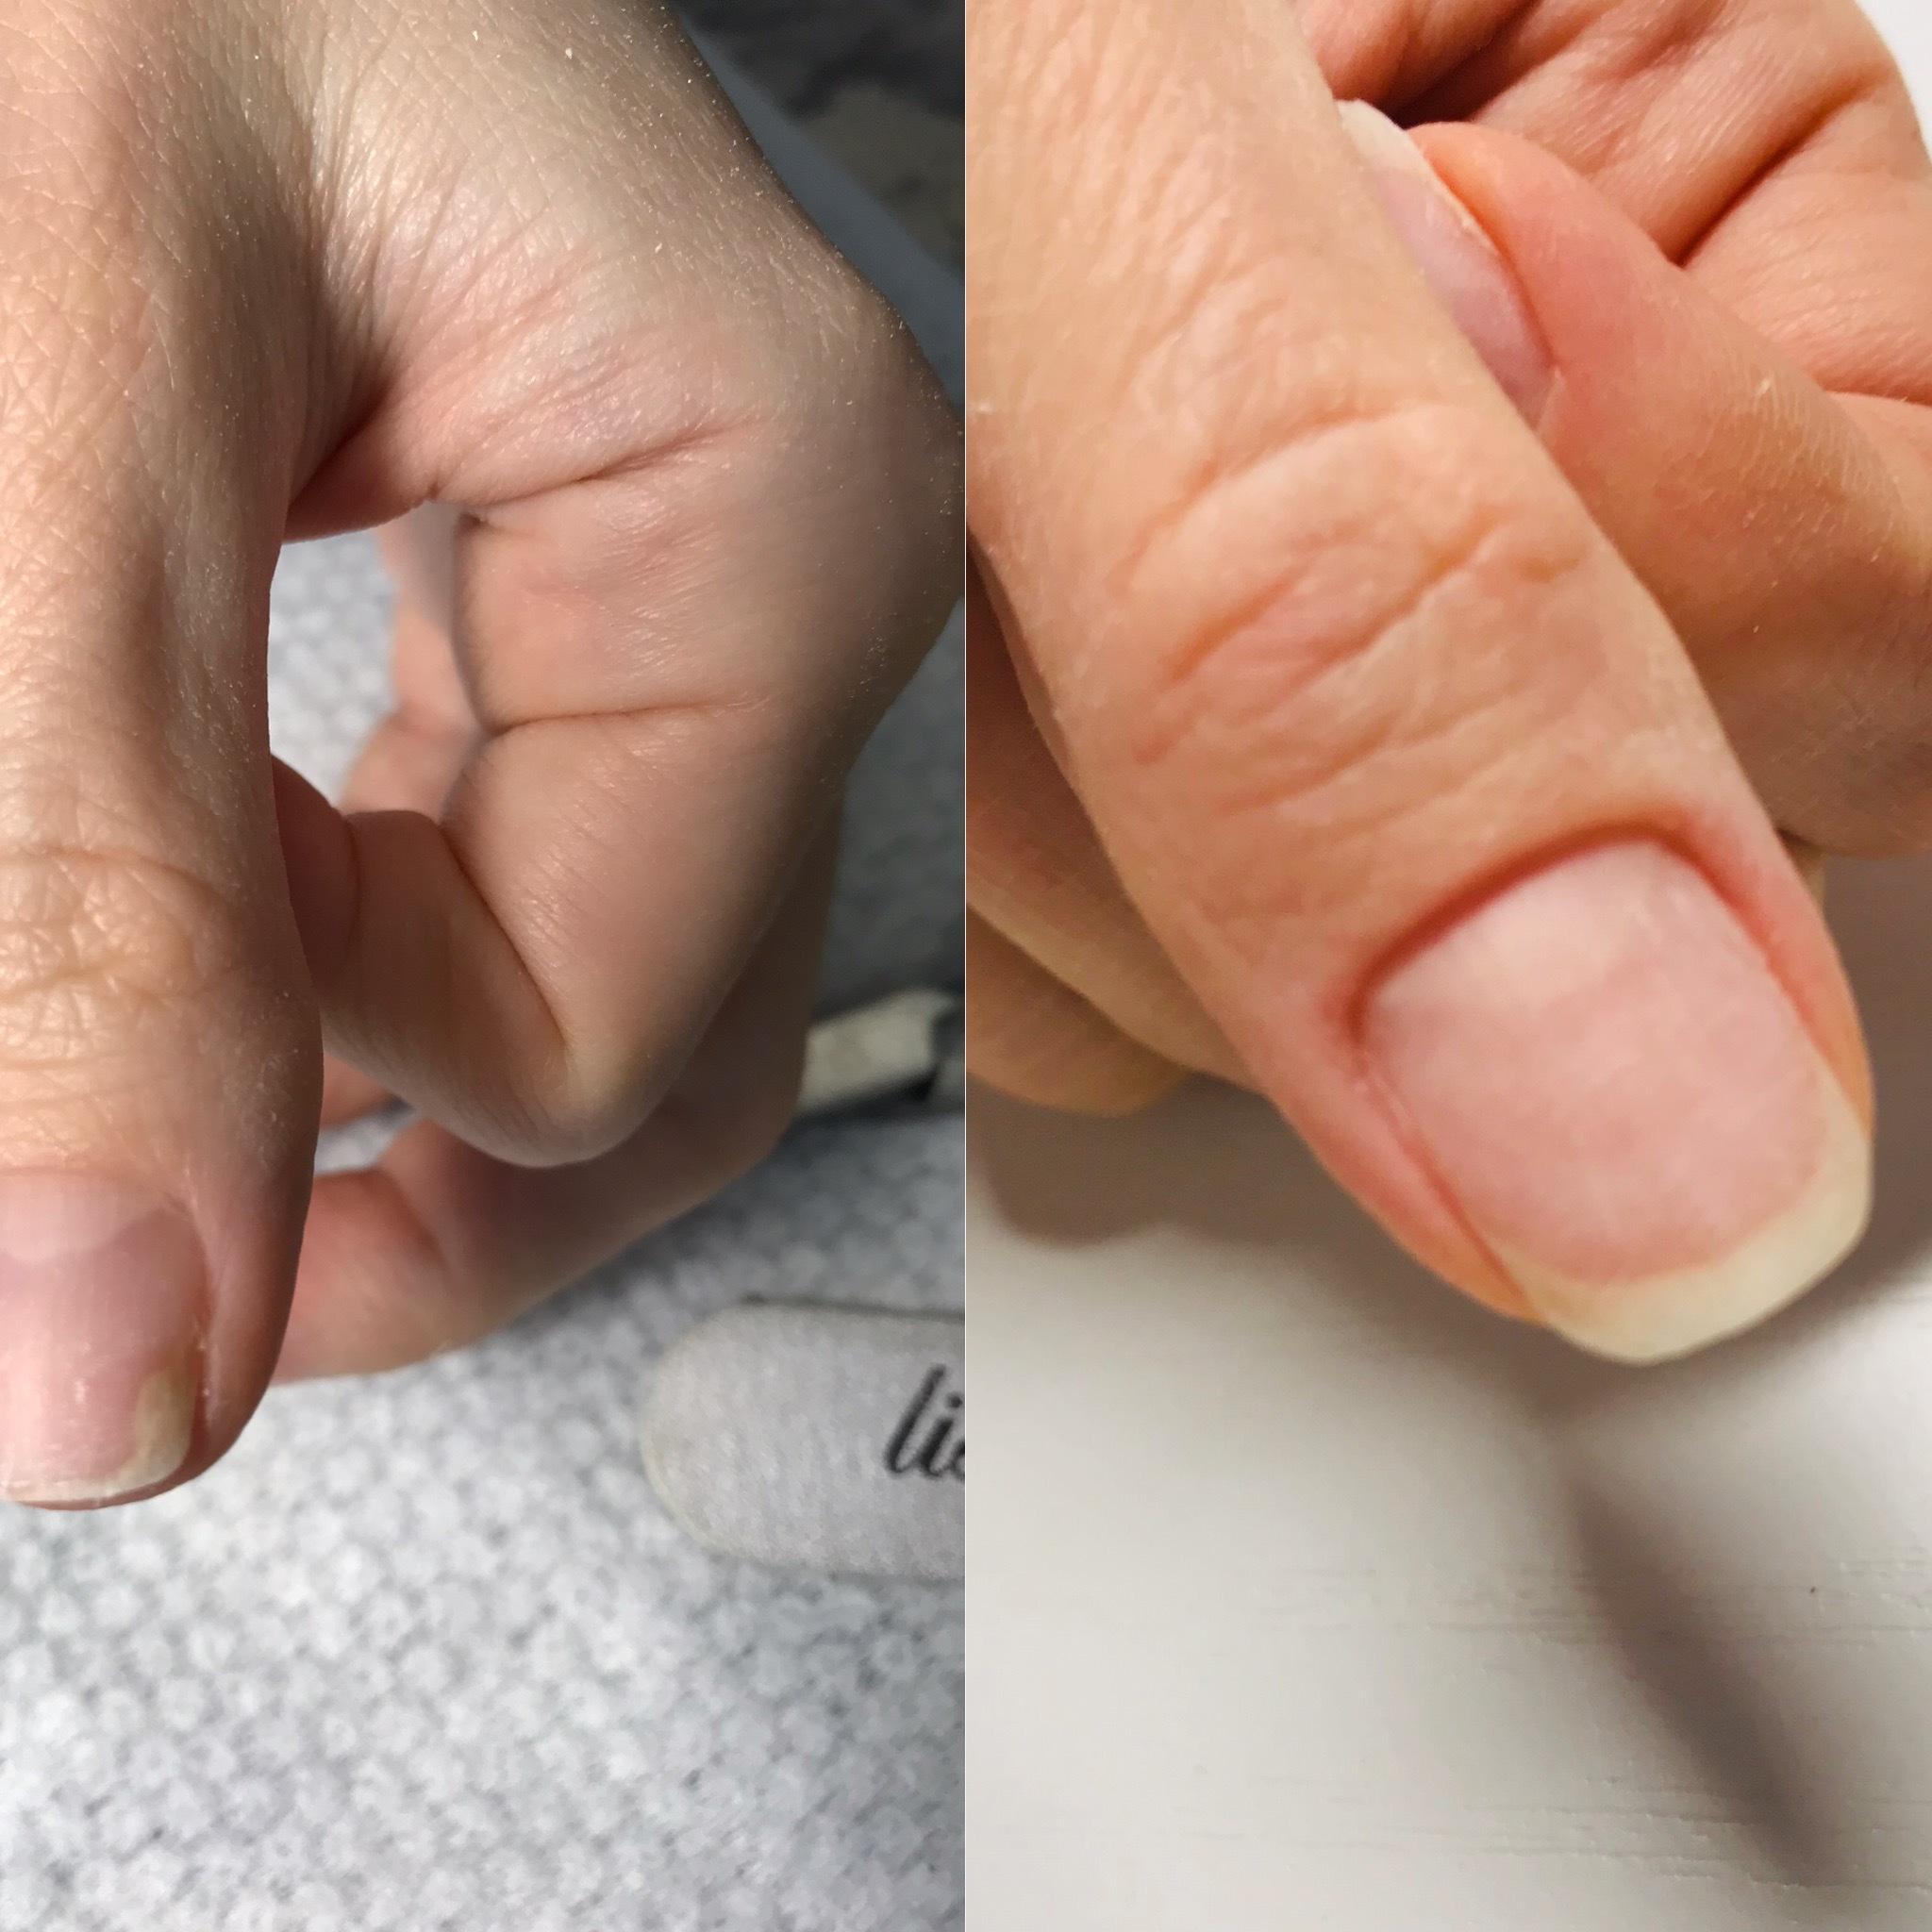 Онихолизис - препараты для лечения ногтей